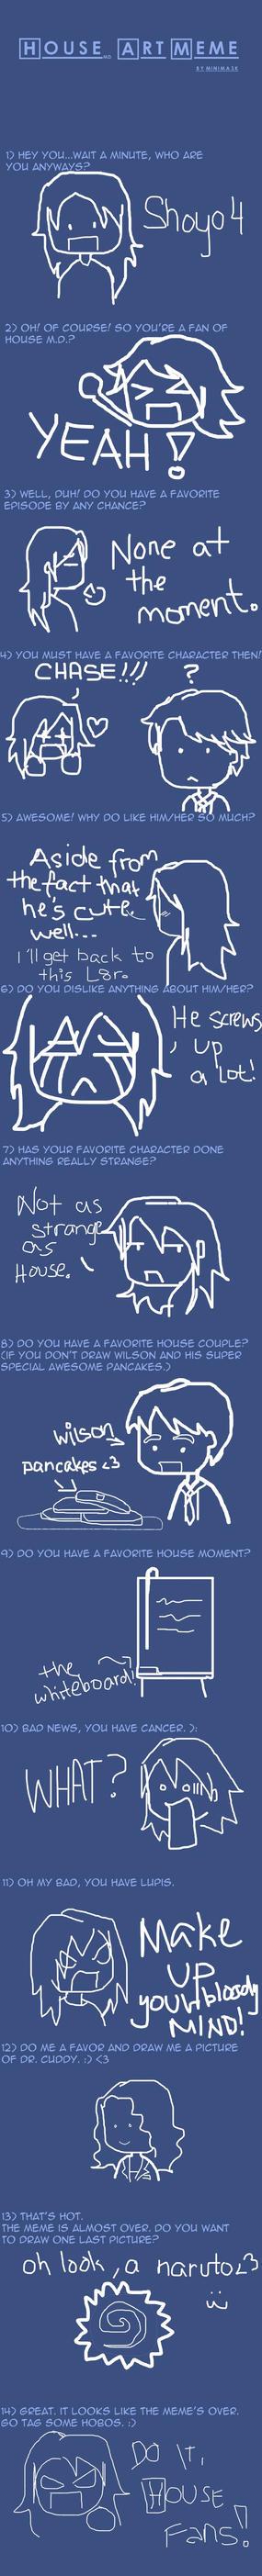 HOUSE meme by shoyo4